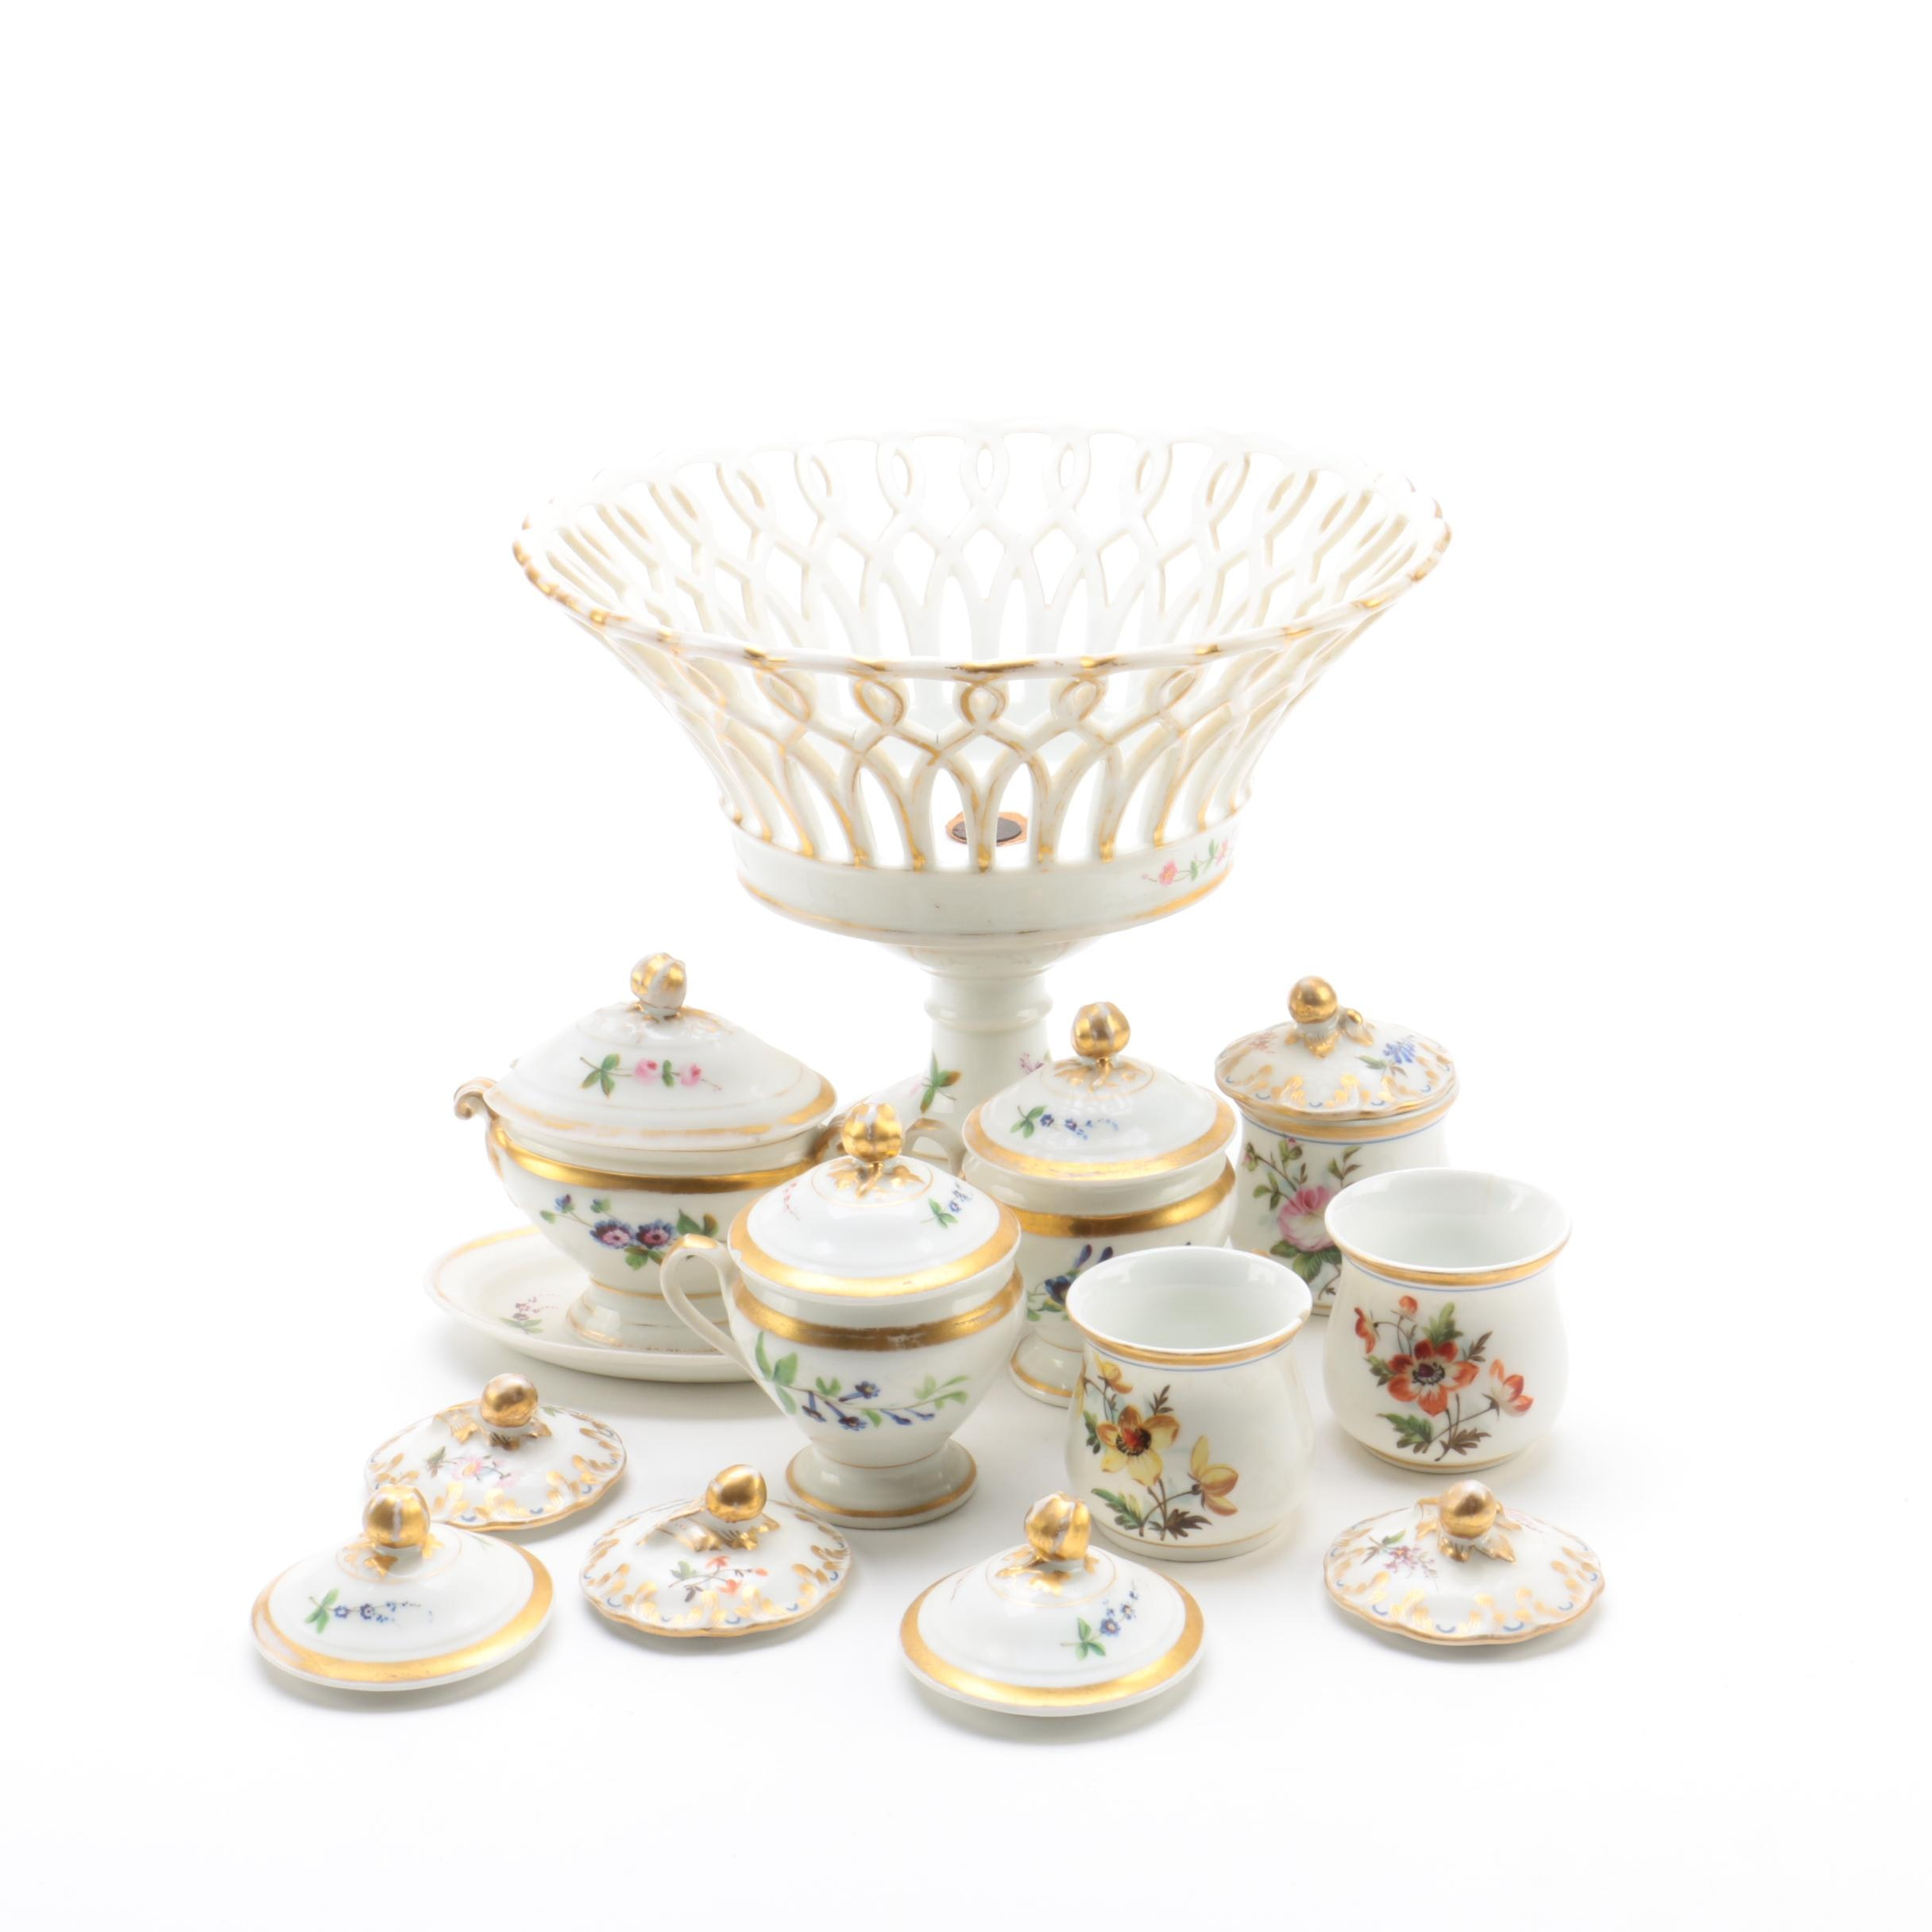 Antique Paris Porcelain Compote and Serveware